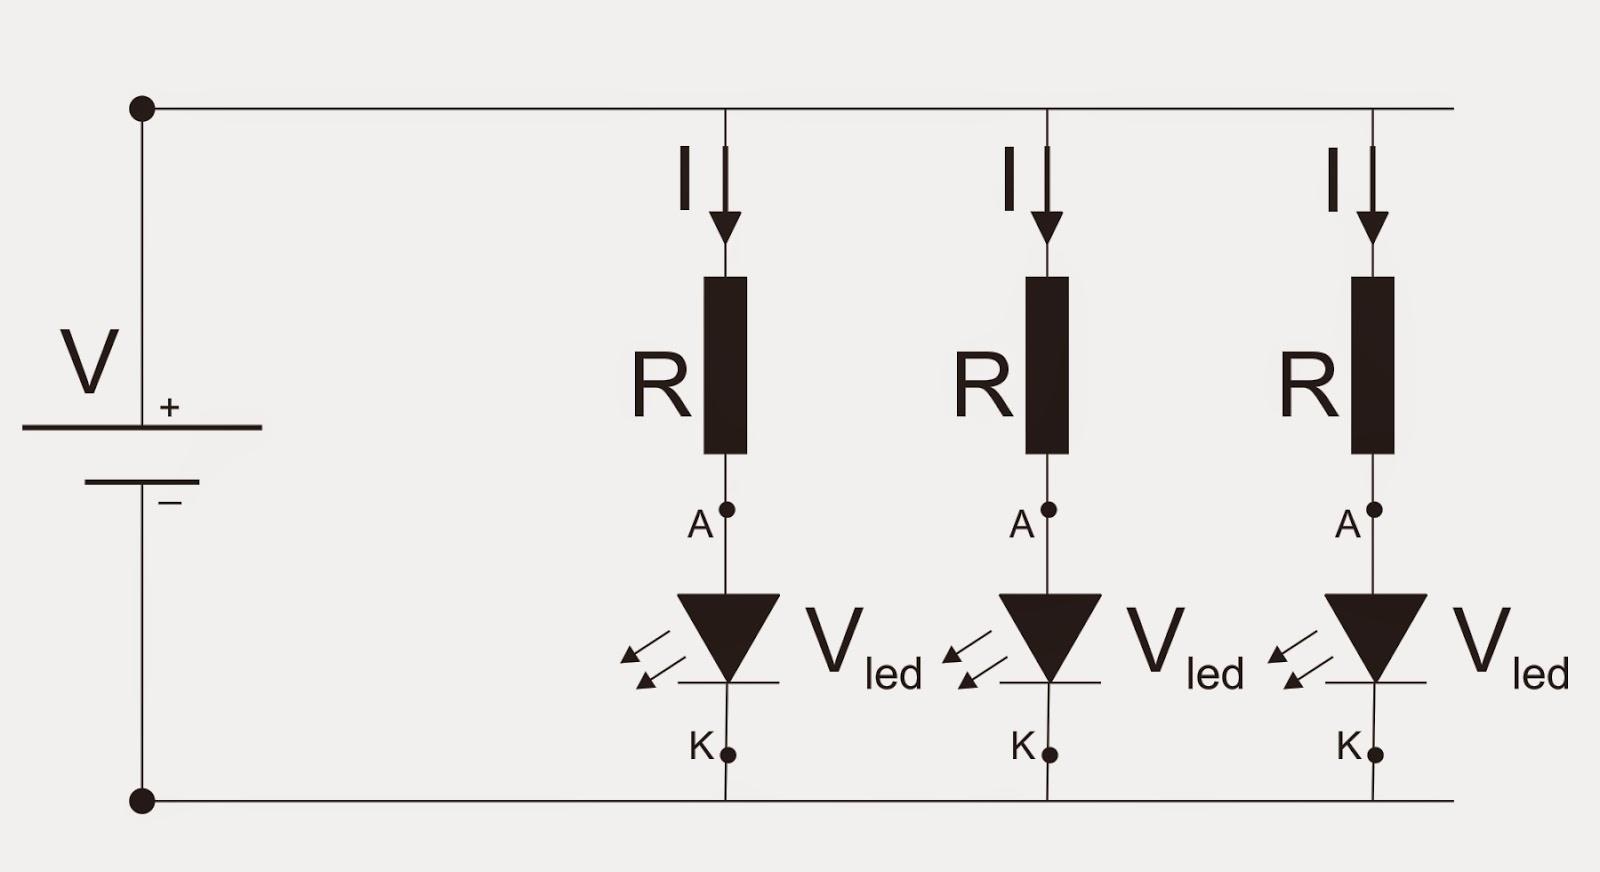 circuito led serie paralelo  circuitos en serie y paralelo scratch  circuitos serie y paralelo